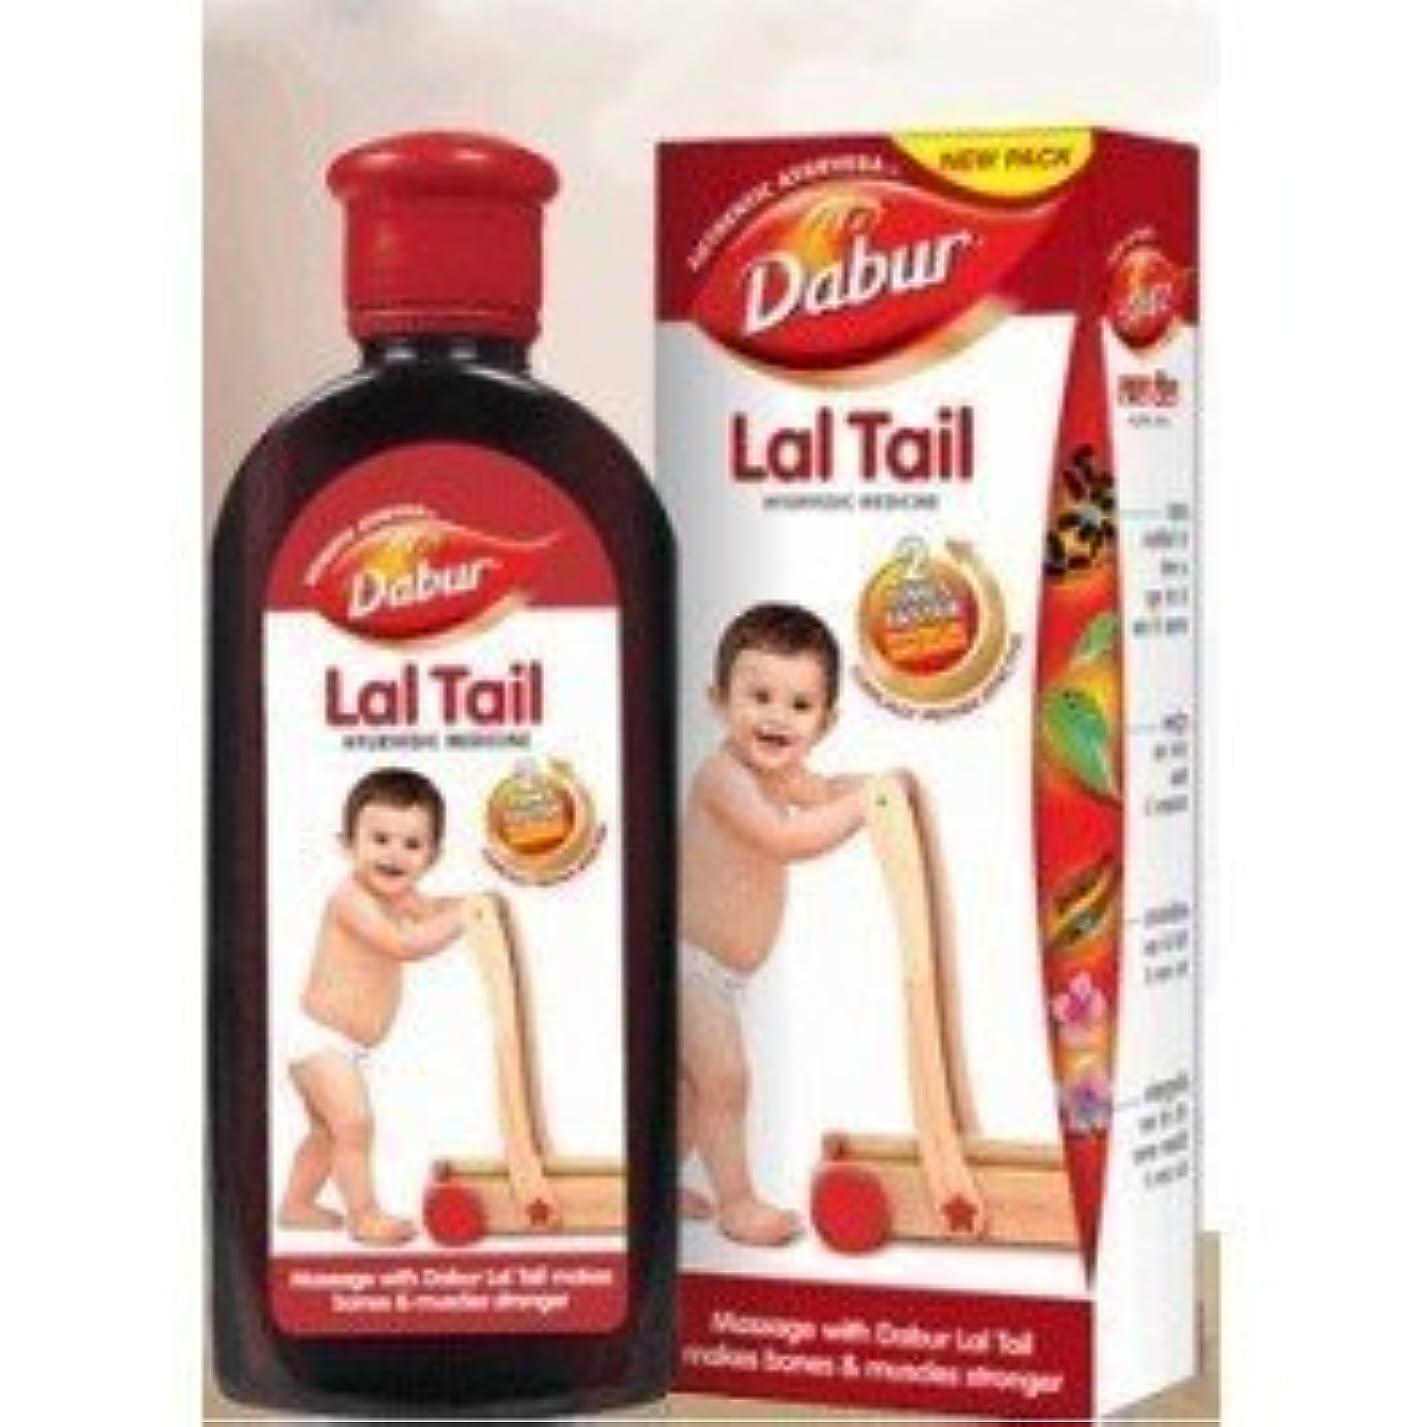 鉛スリップ廃止するBaby / Child Natural Strengthening Herbal Ayurvedic Baby Massage Oil Dabur Lal Tail 100ml Large Size Infant by...